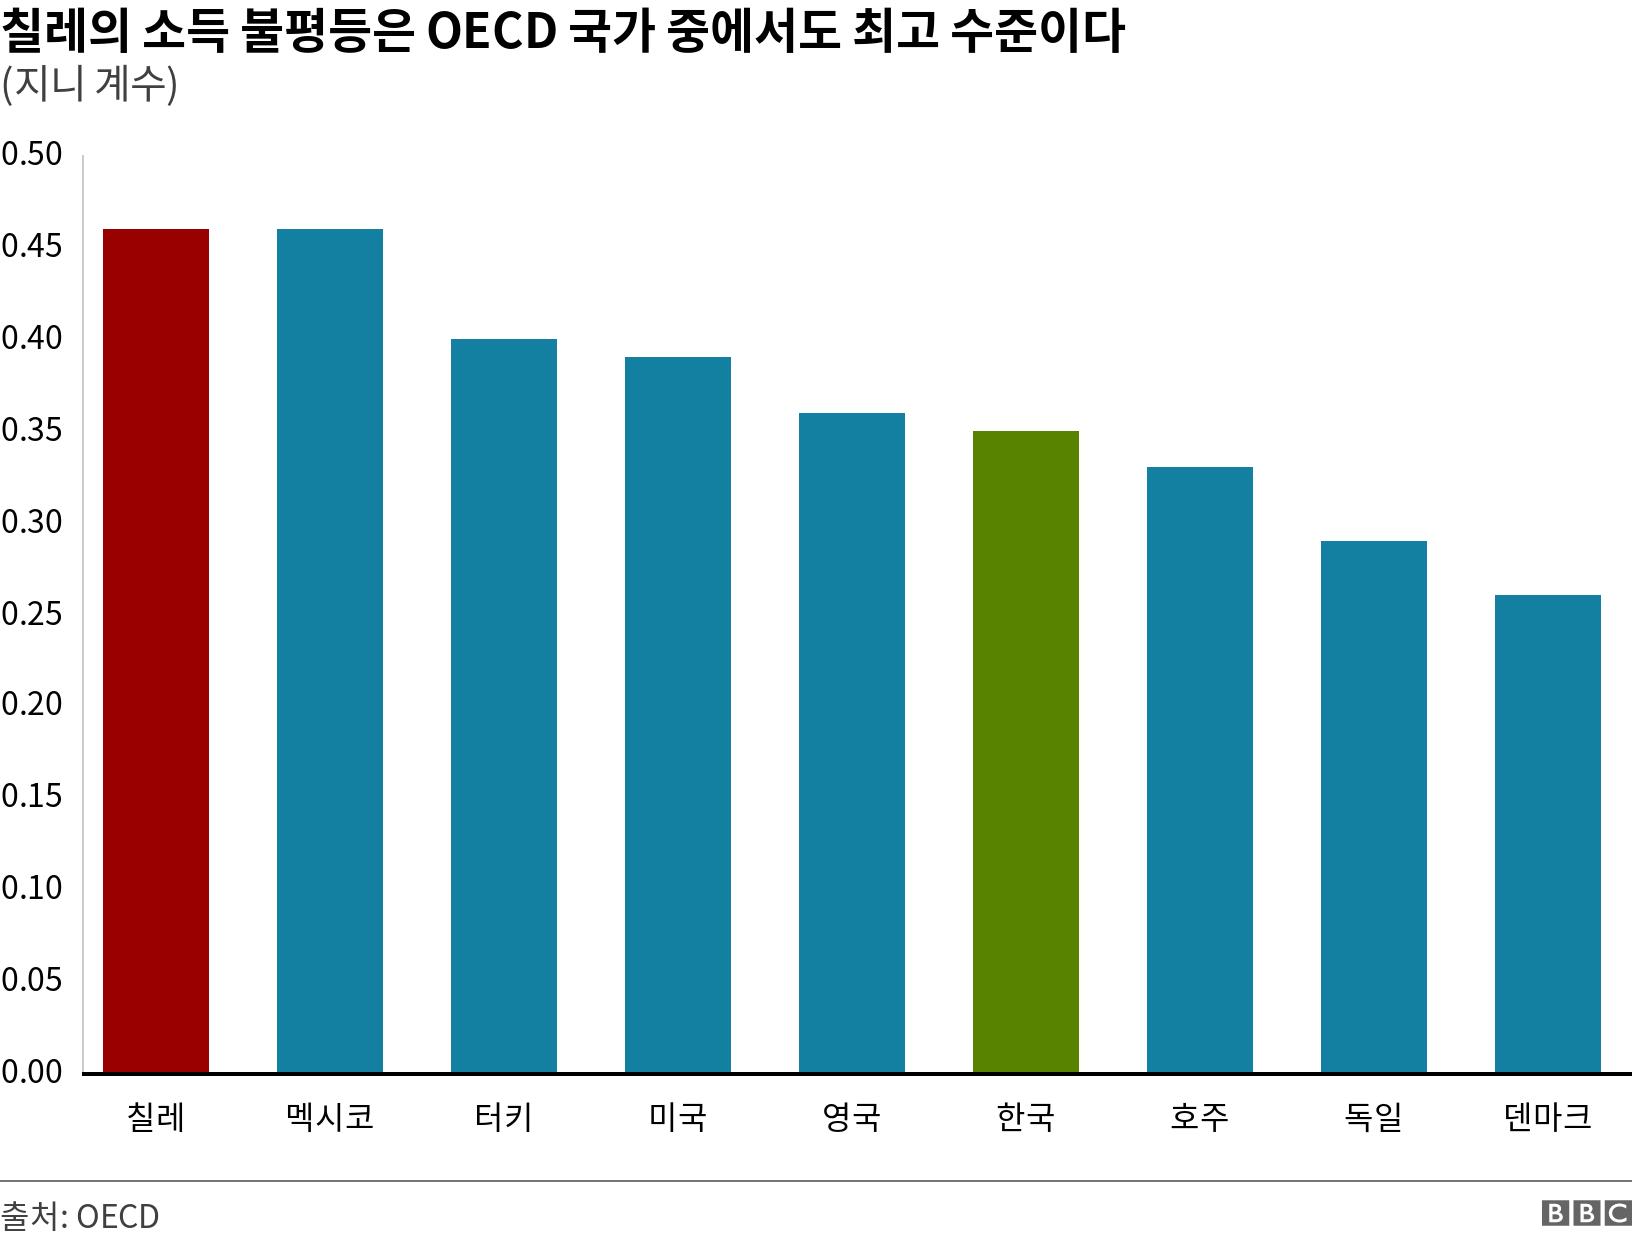 칠레의 소득 불평등은 OECD 국가 중에서도 최고 수준이다. (지니 계수).  .